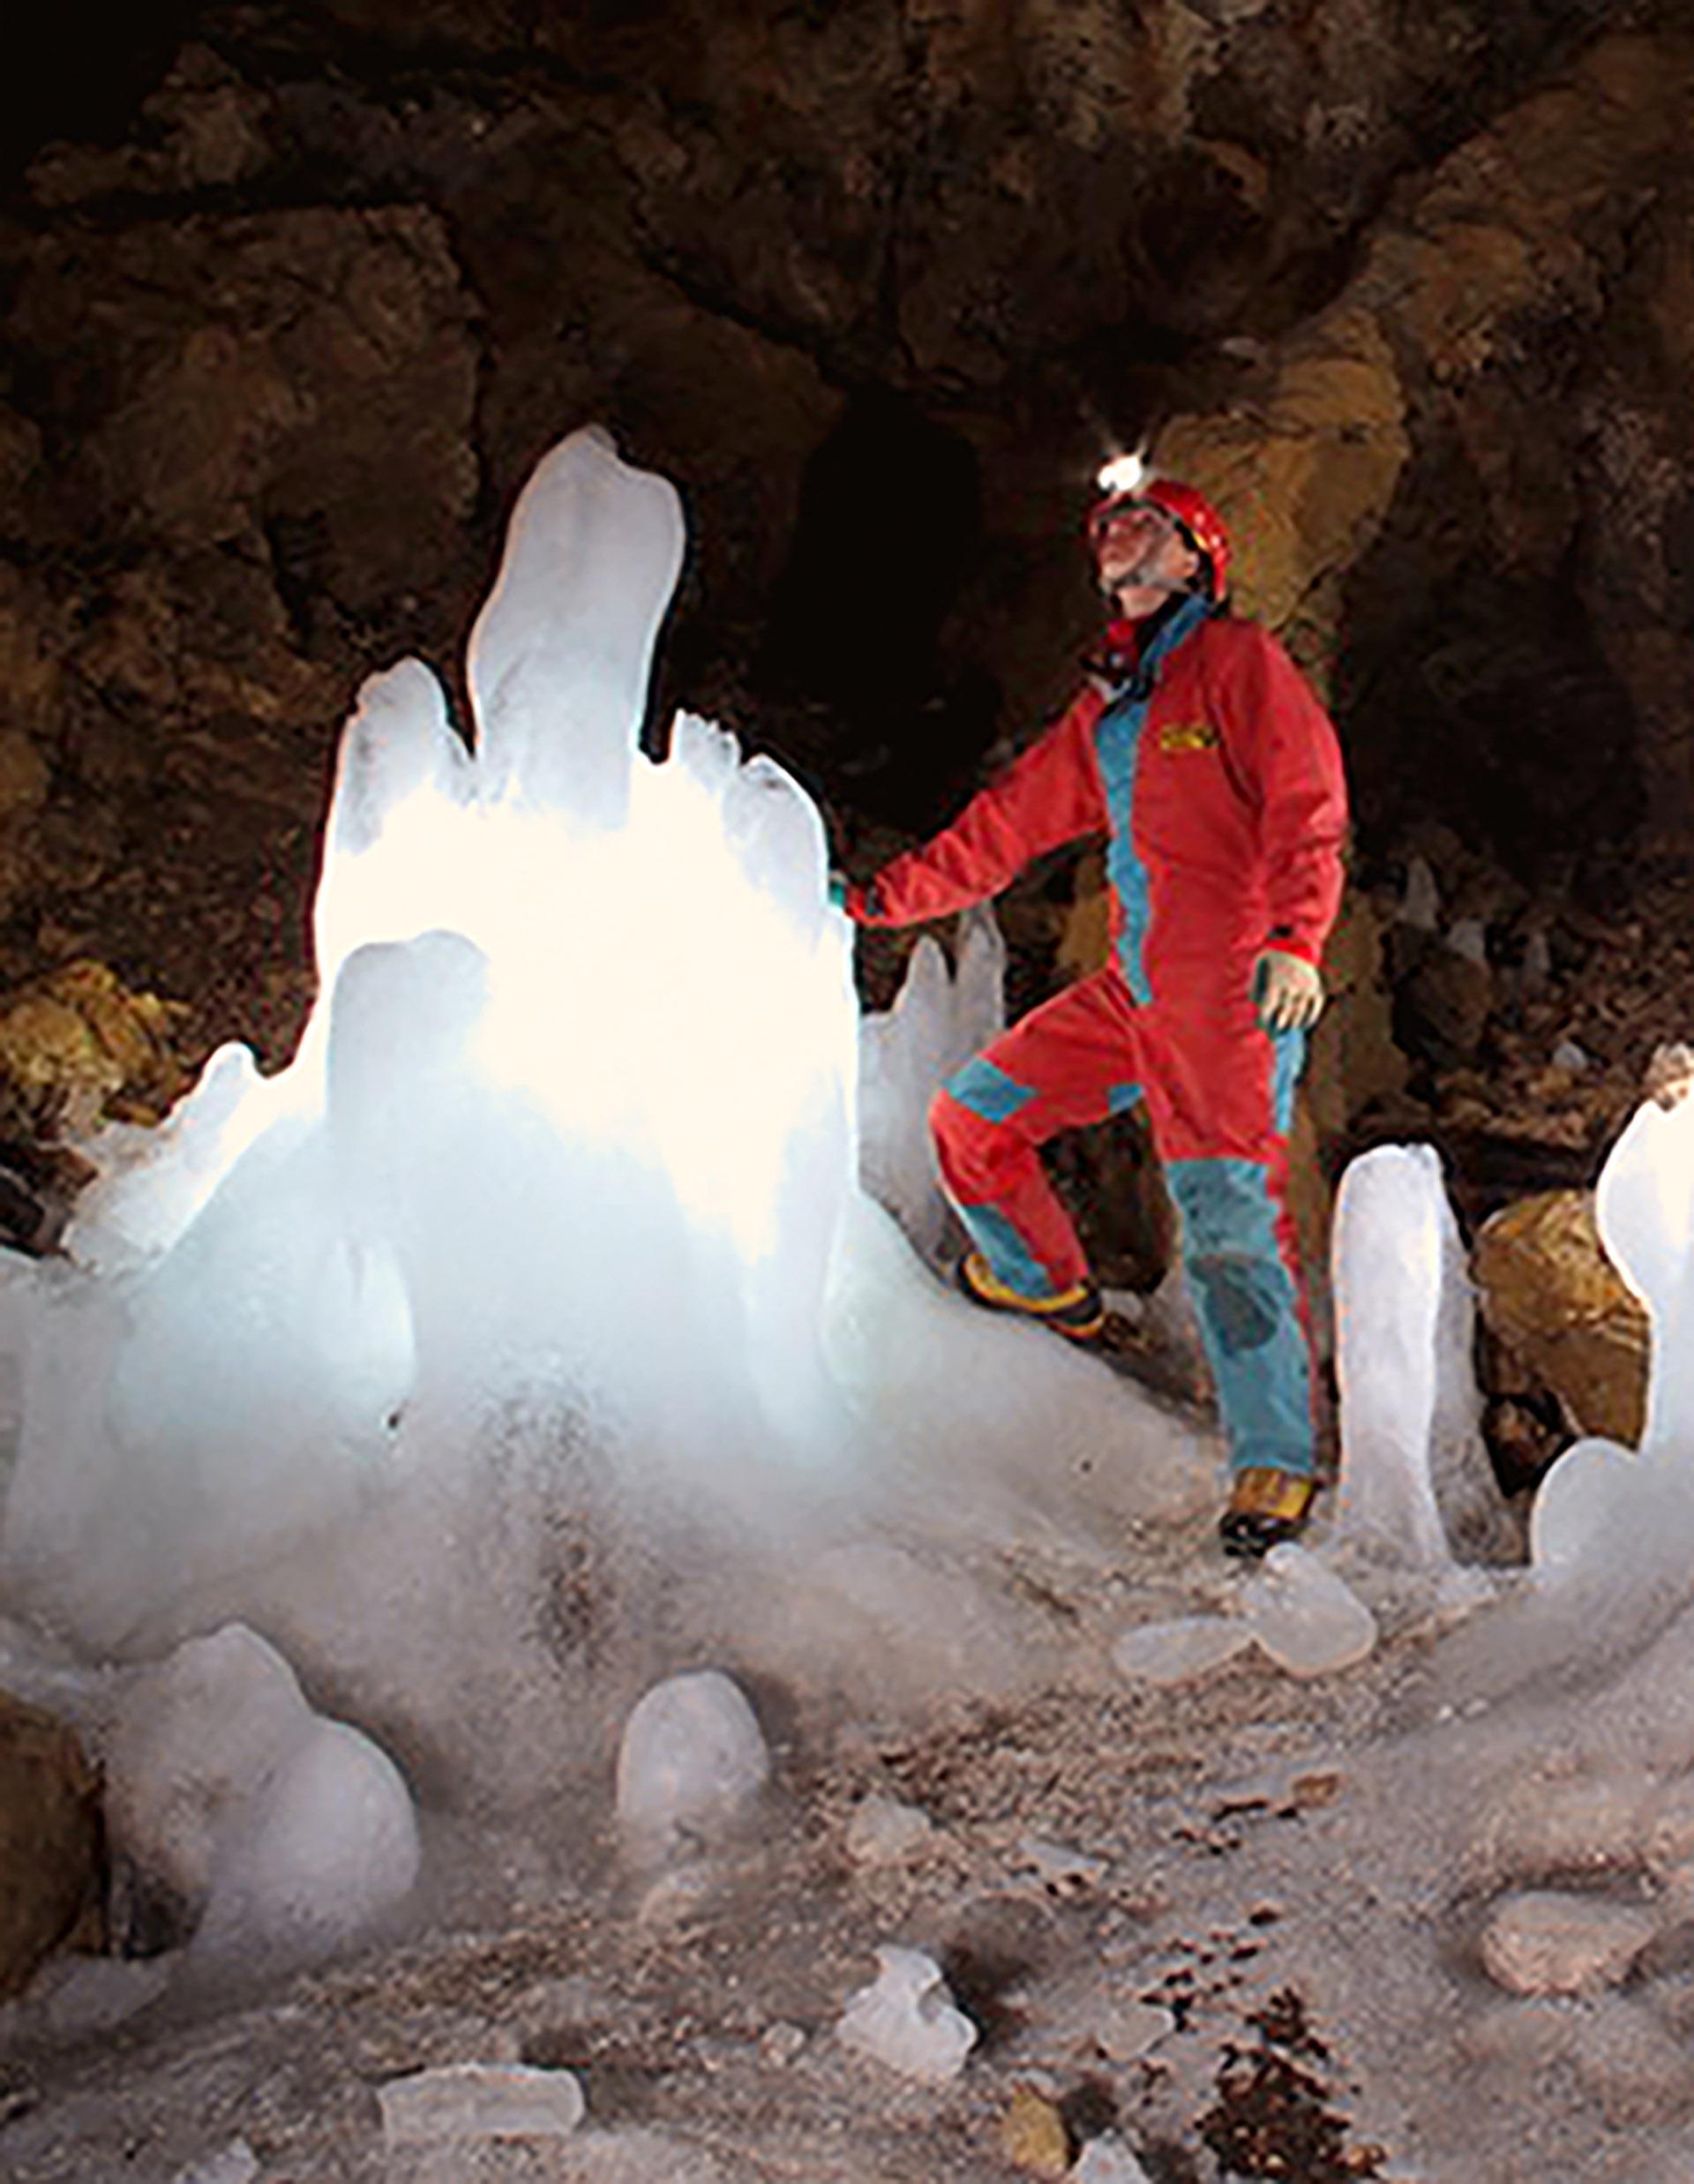 No sólo están a la venta los edificios y espacios públicos de Esino Lario. La cueva congelada de Moncodeno tiene un precio de apenas 450.000 euros (http://vendesiesino.it/)